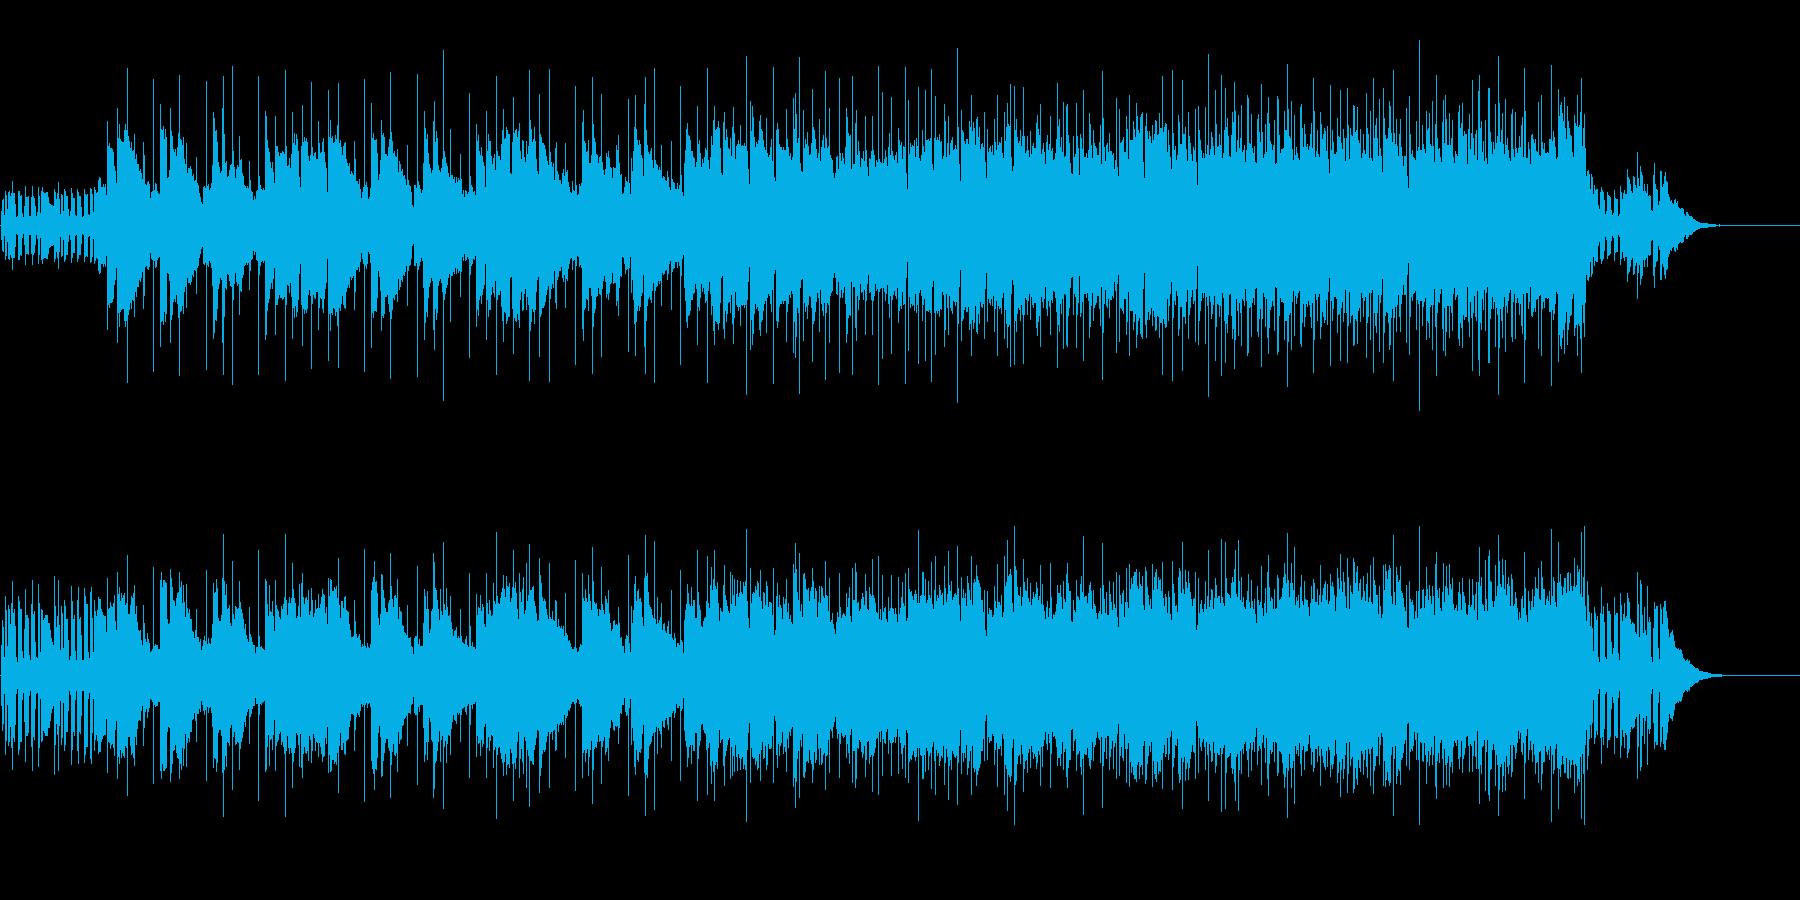 リリカルなメロディのポップ・バラードの再生済みの波形